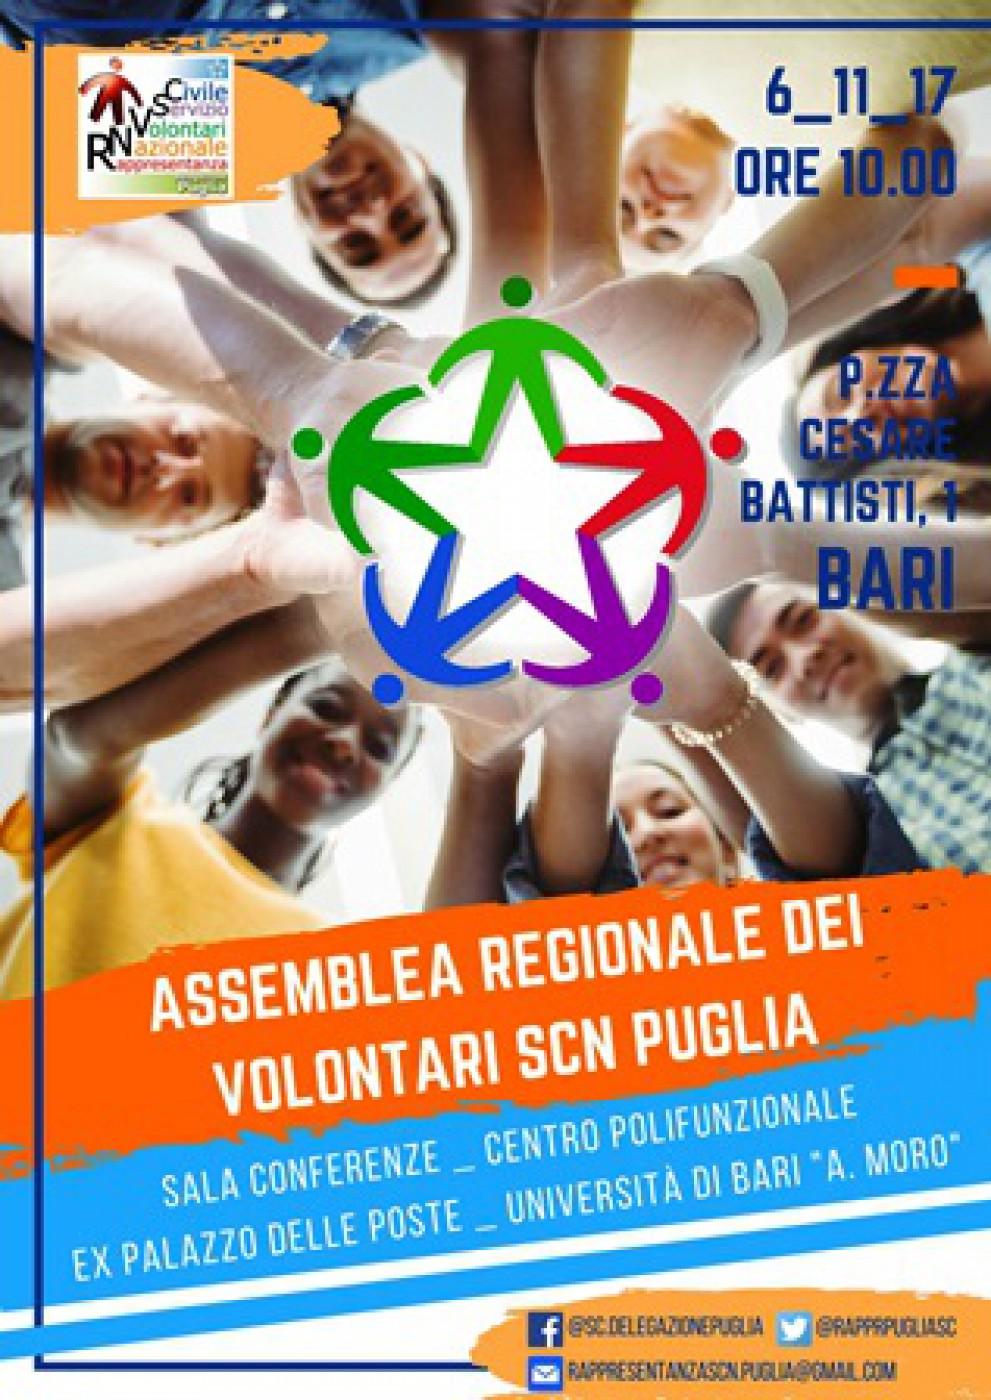 Assemblea Regionale Giovani SCN PUGLIA